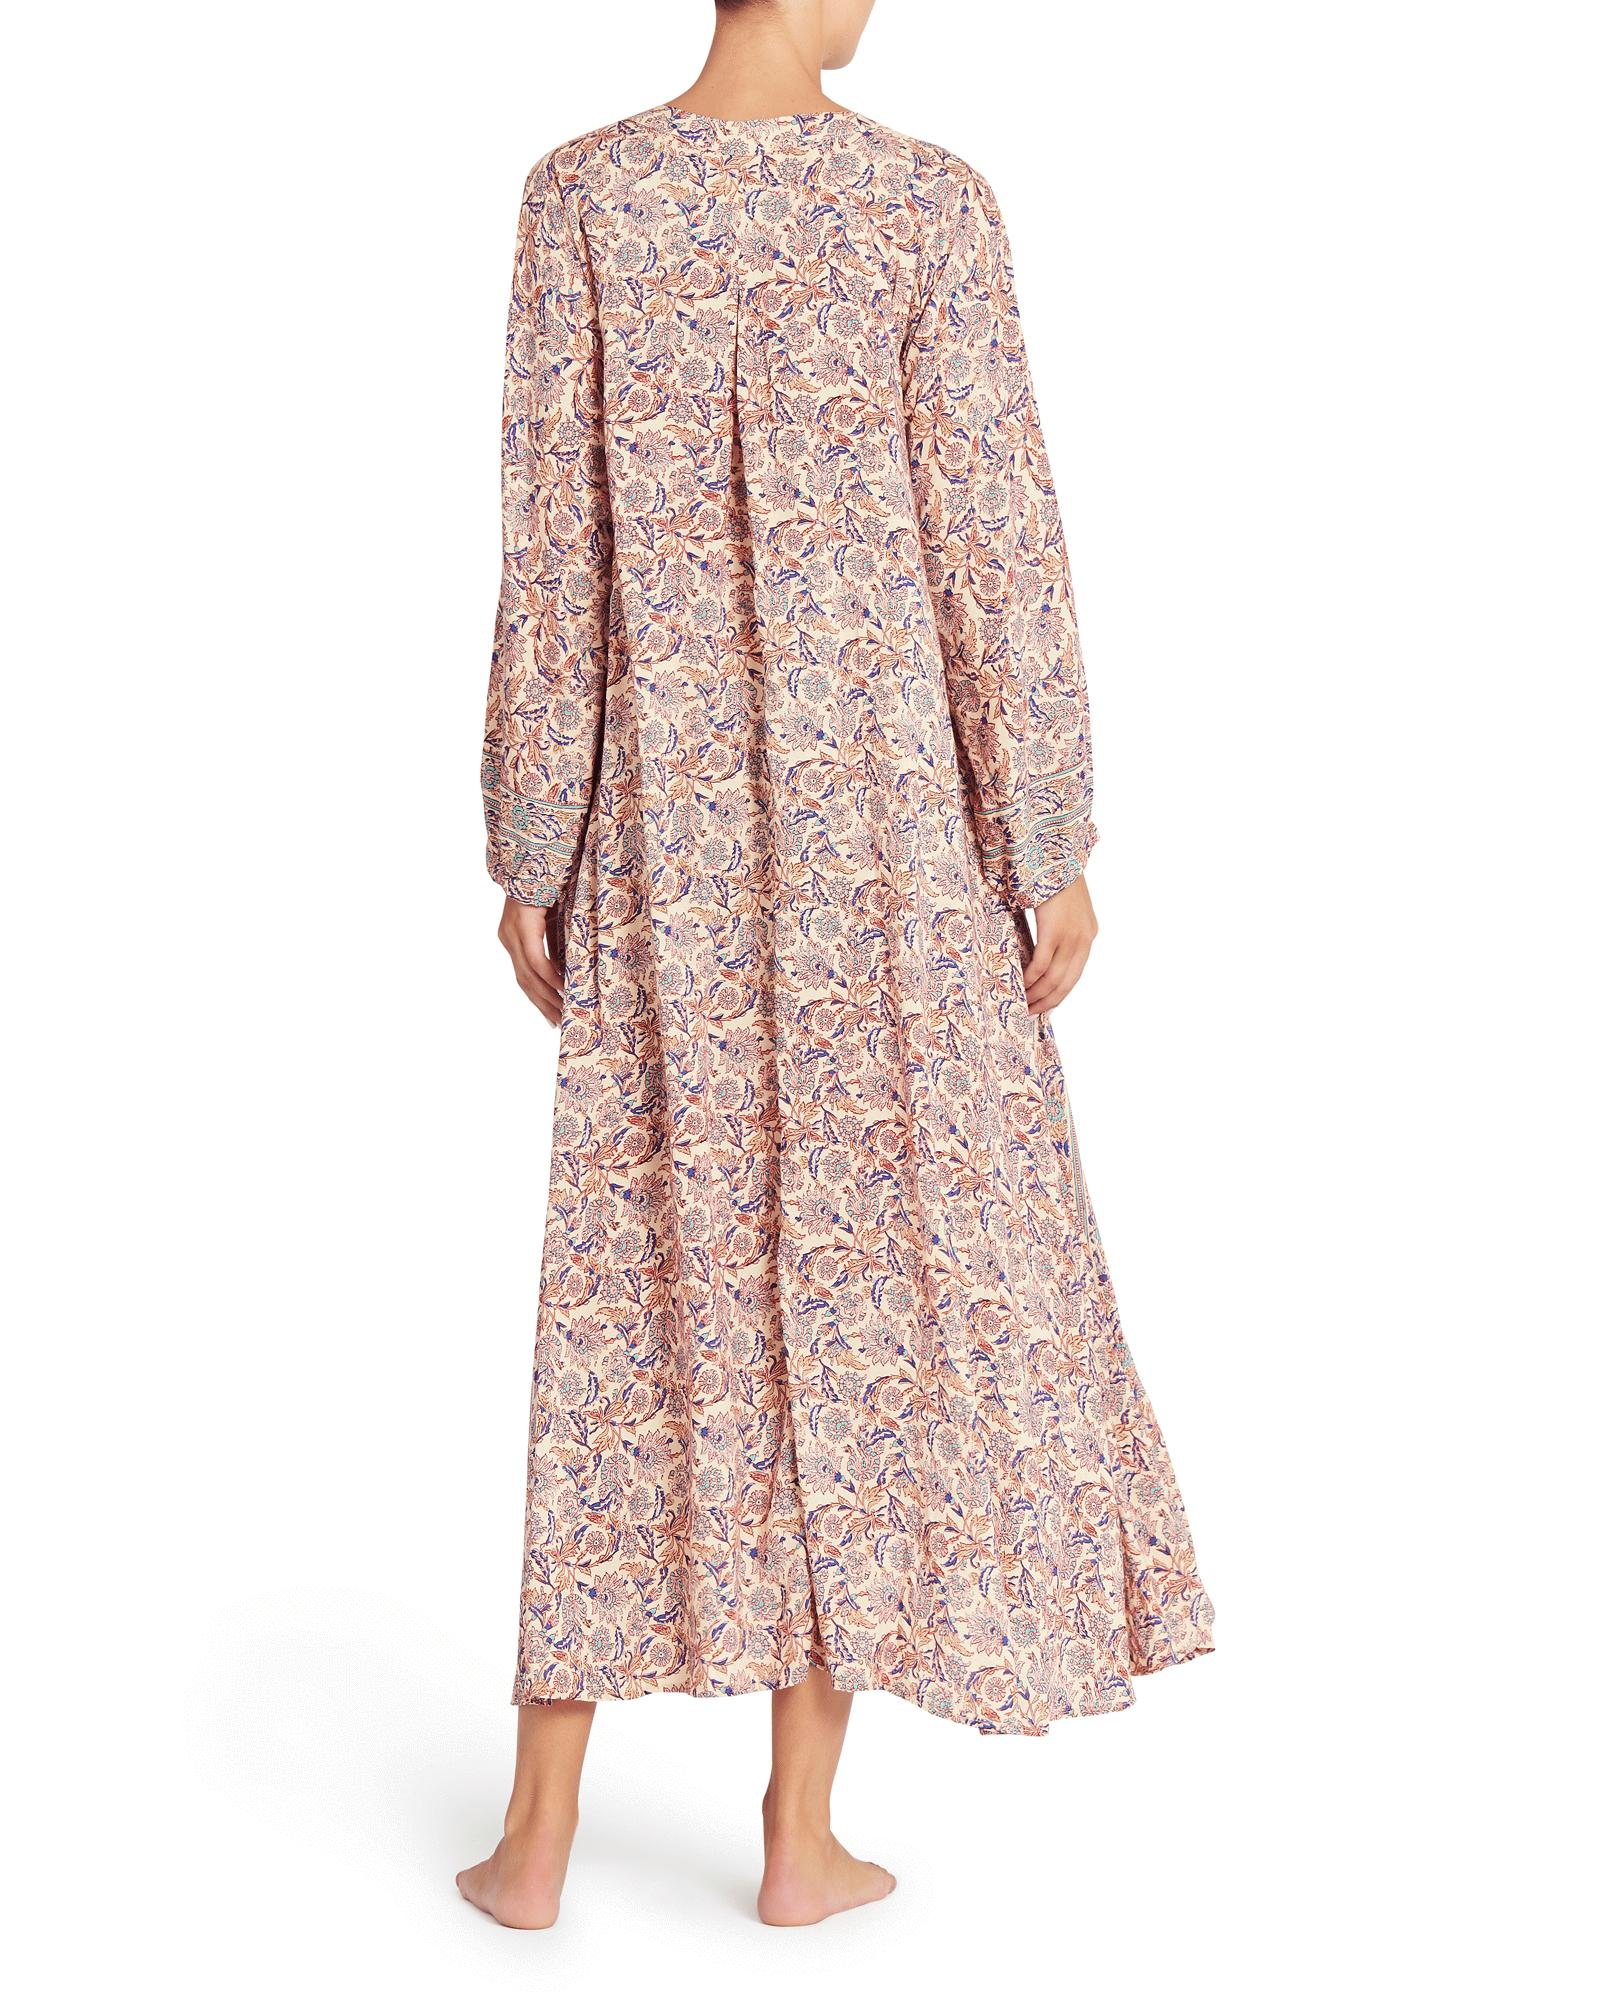 4bb1c5596ae Lyst - Natalie Martin Fiore Maxi Dress In Goa Print in Pink